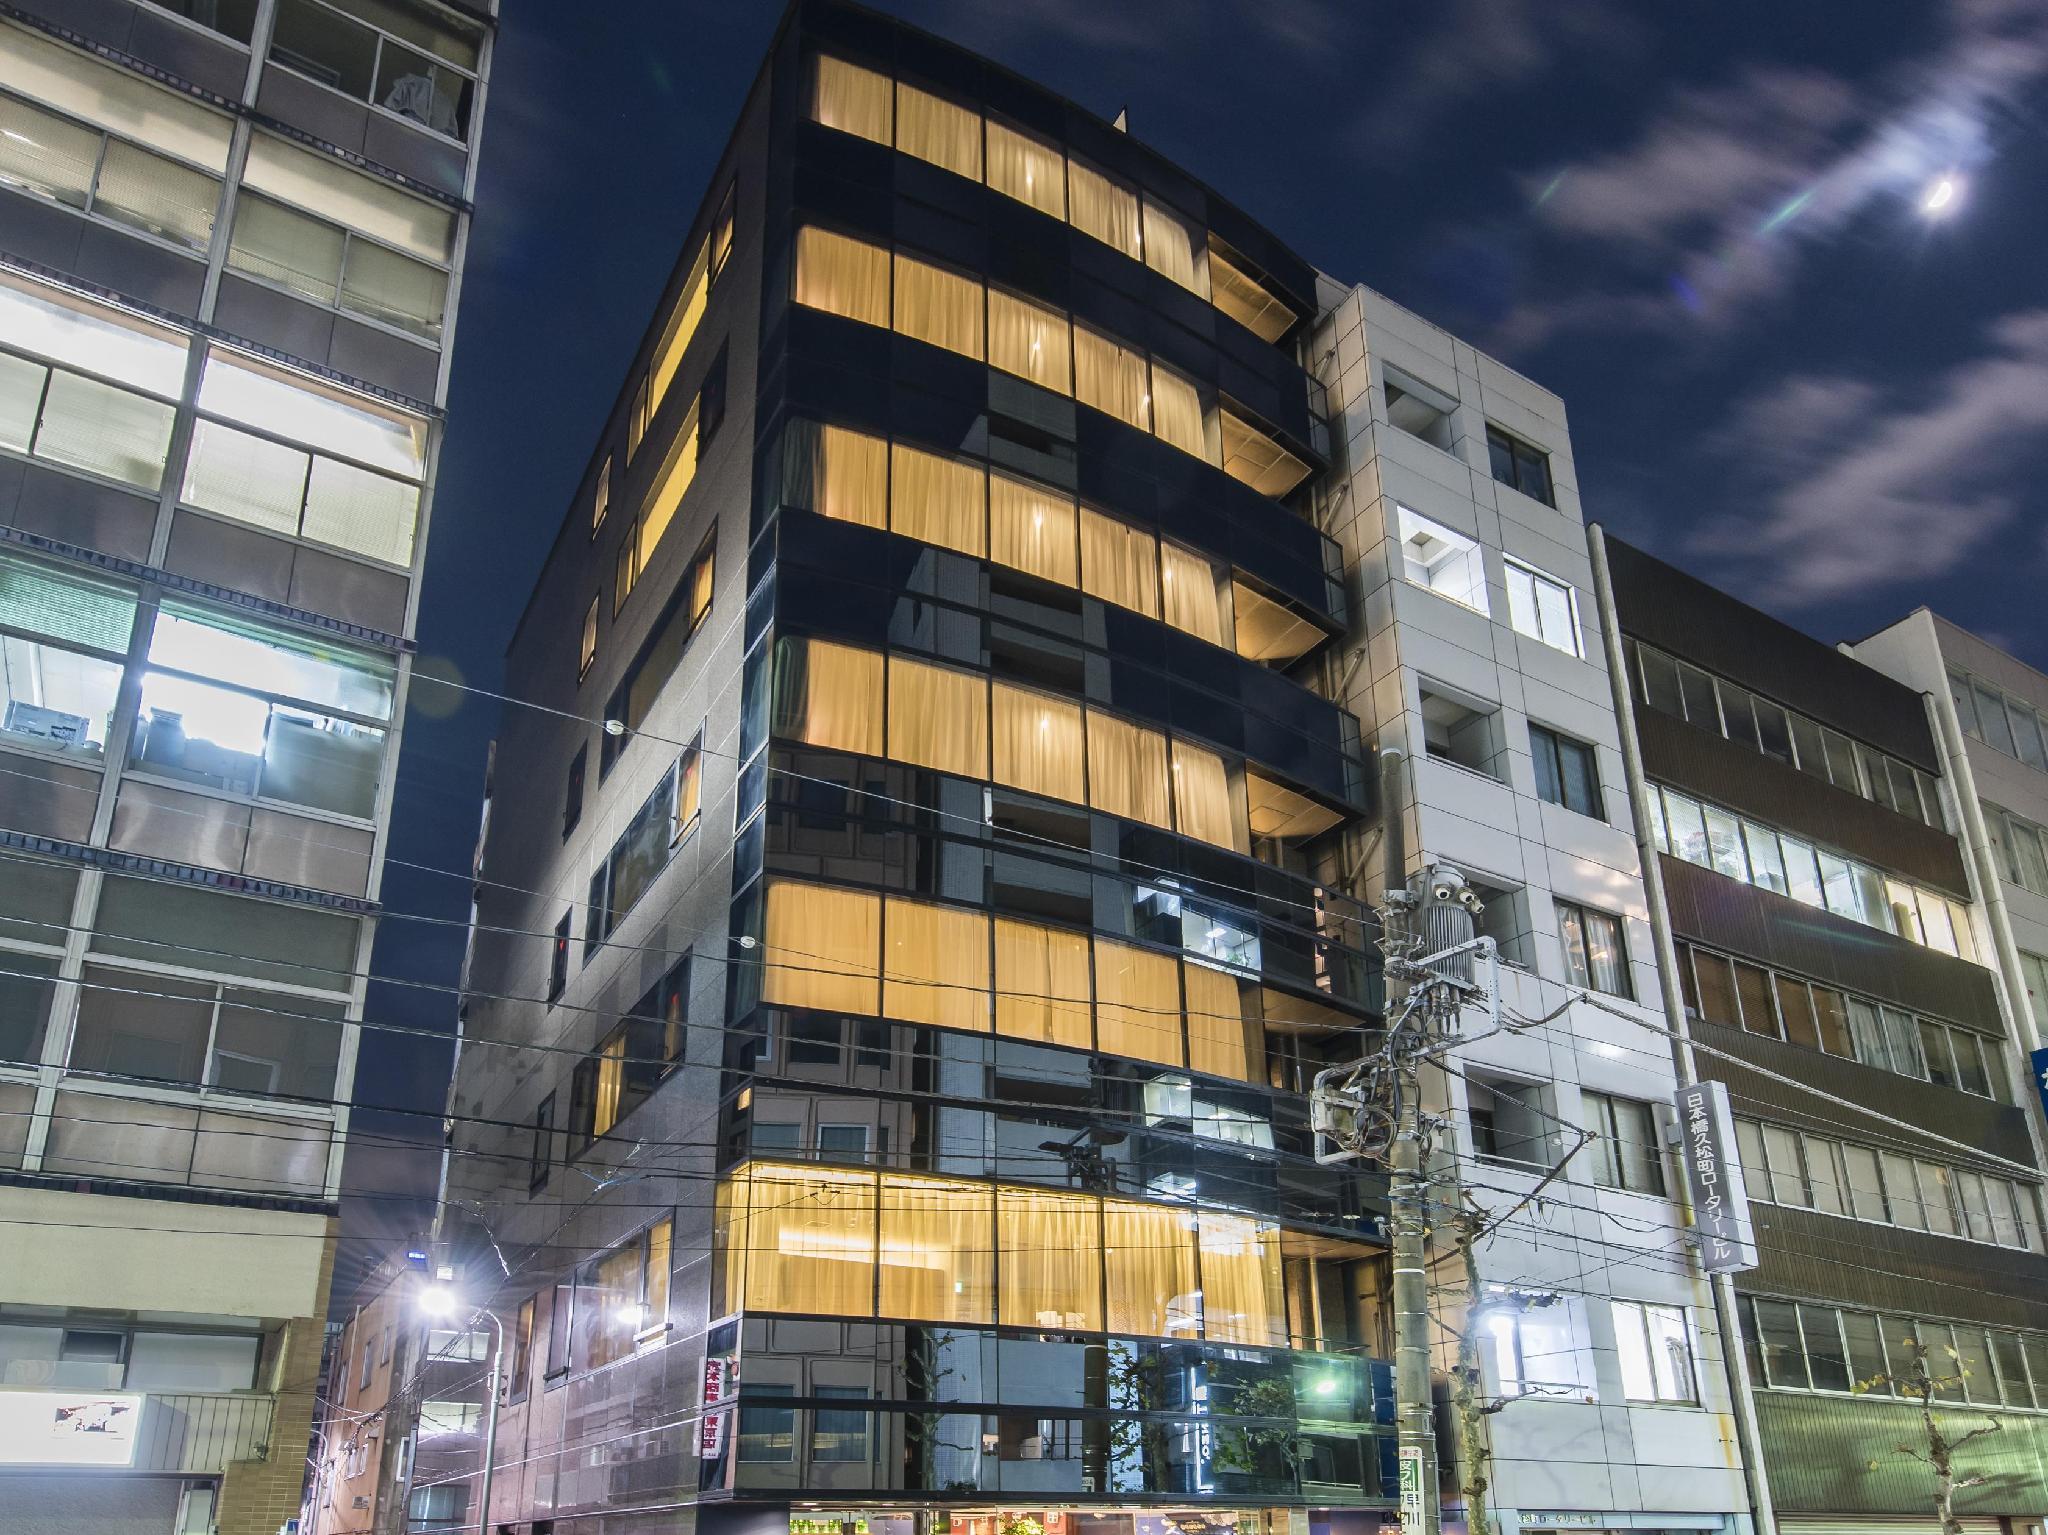 grids hostel lounge nihombashi east tokyo station  tokyo